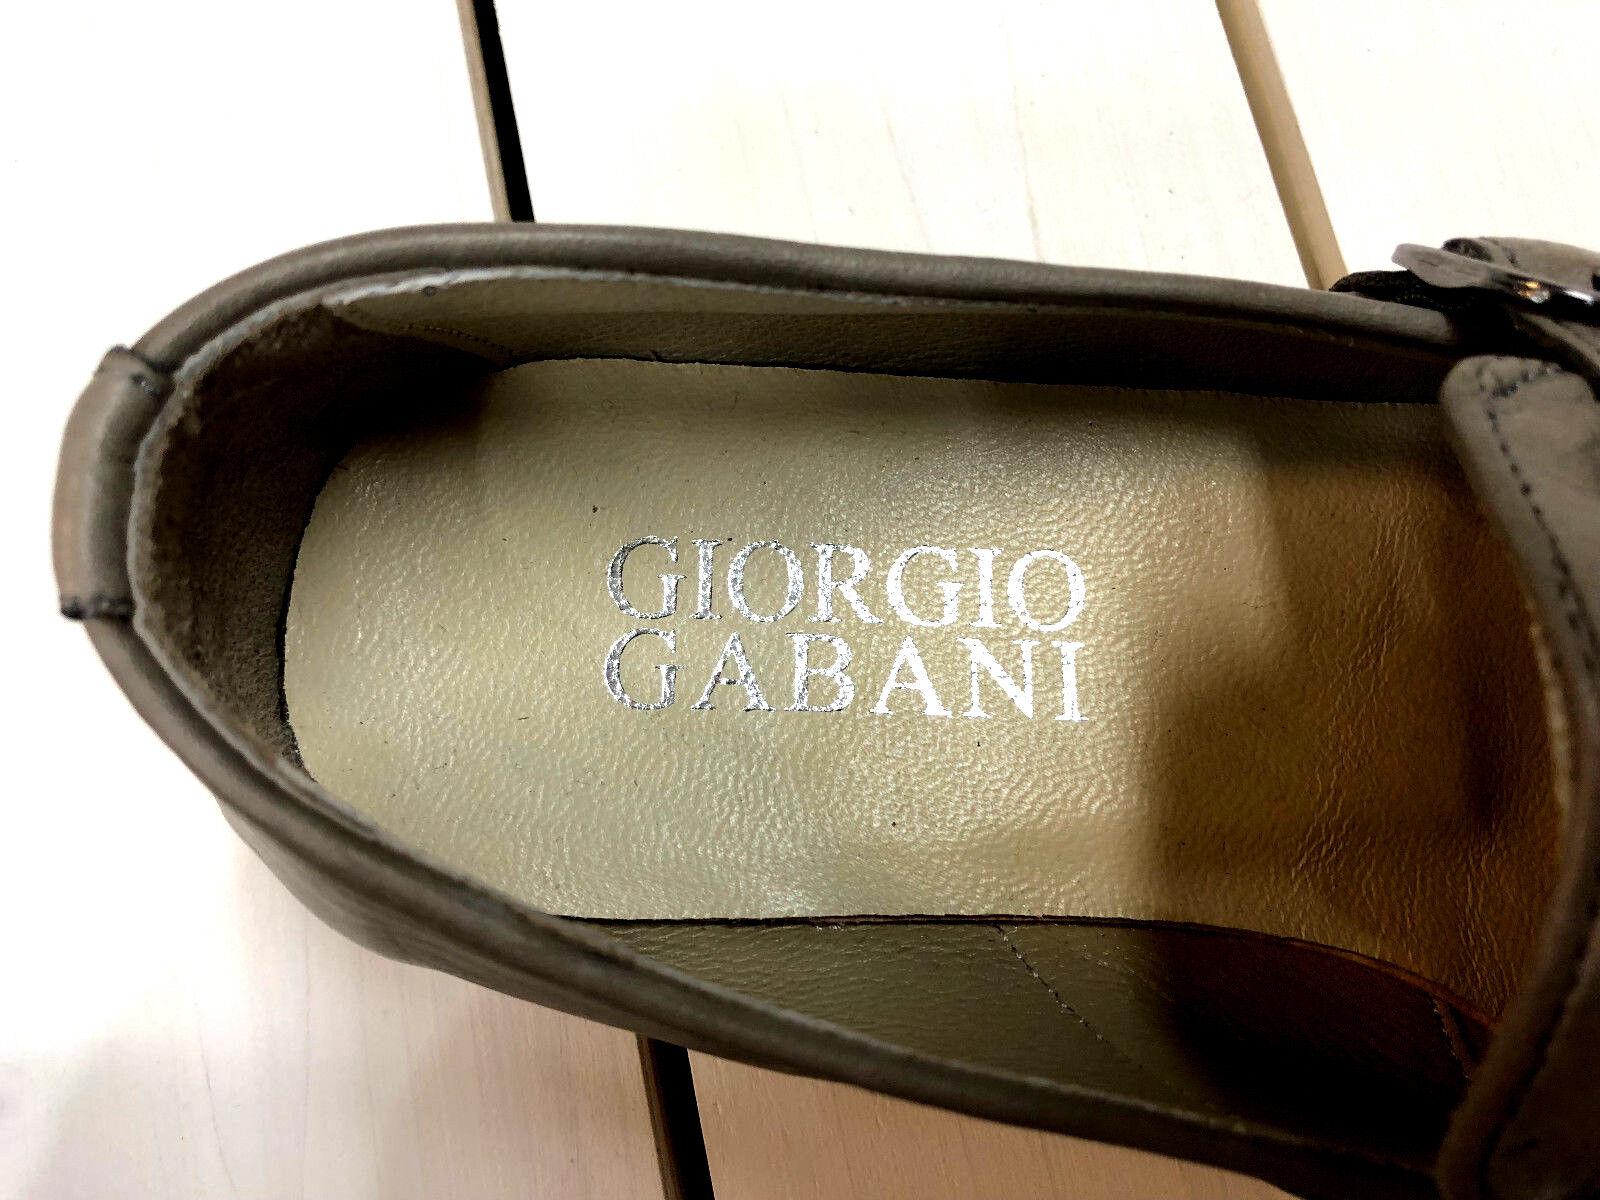 Giorgio Gabani Slipper BLU doppelmonk mocassino vitello 43 pelle in pelle Uomo   43 vitello dd2151